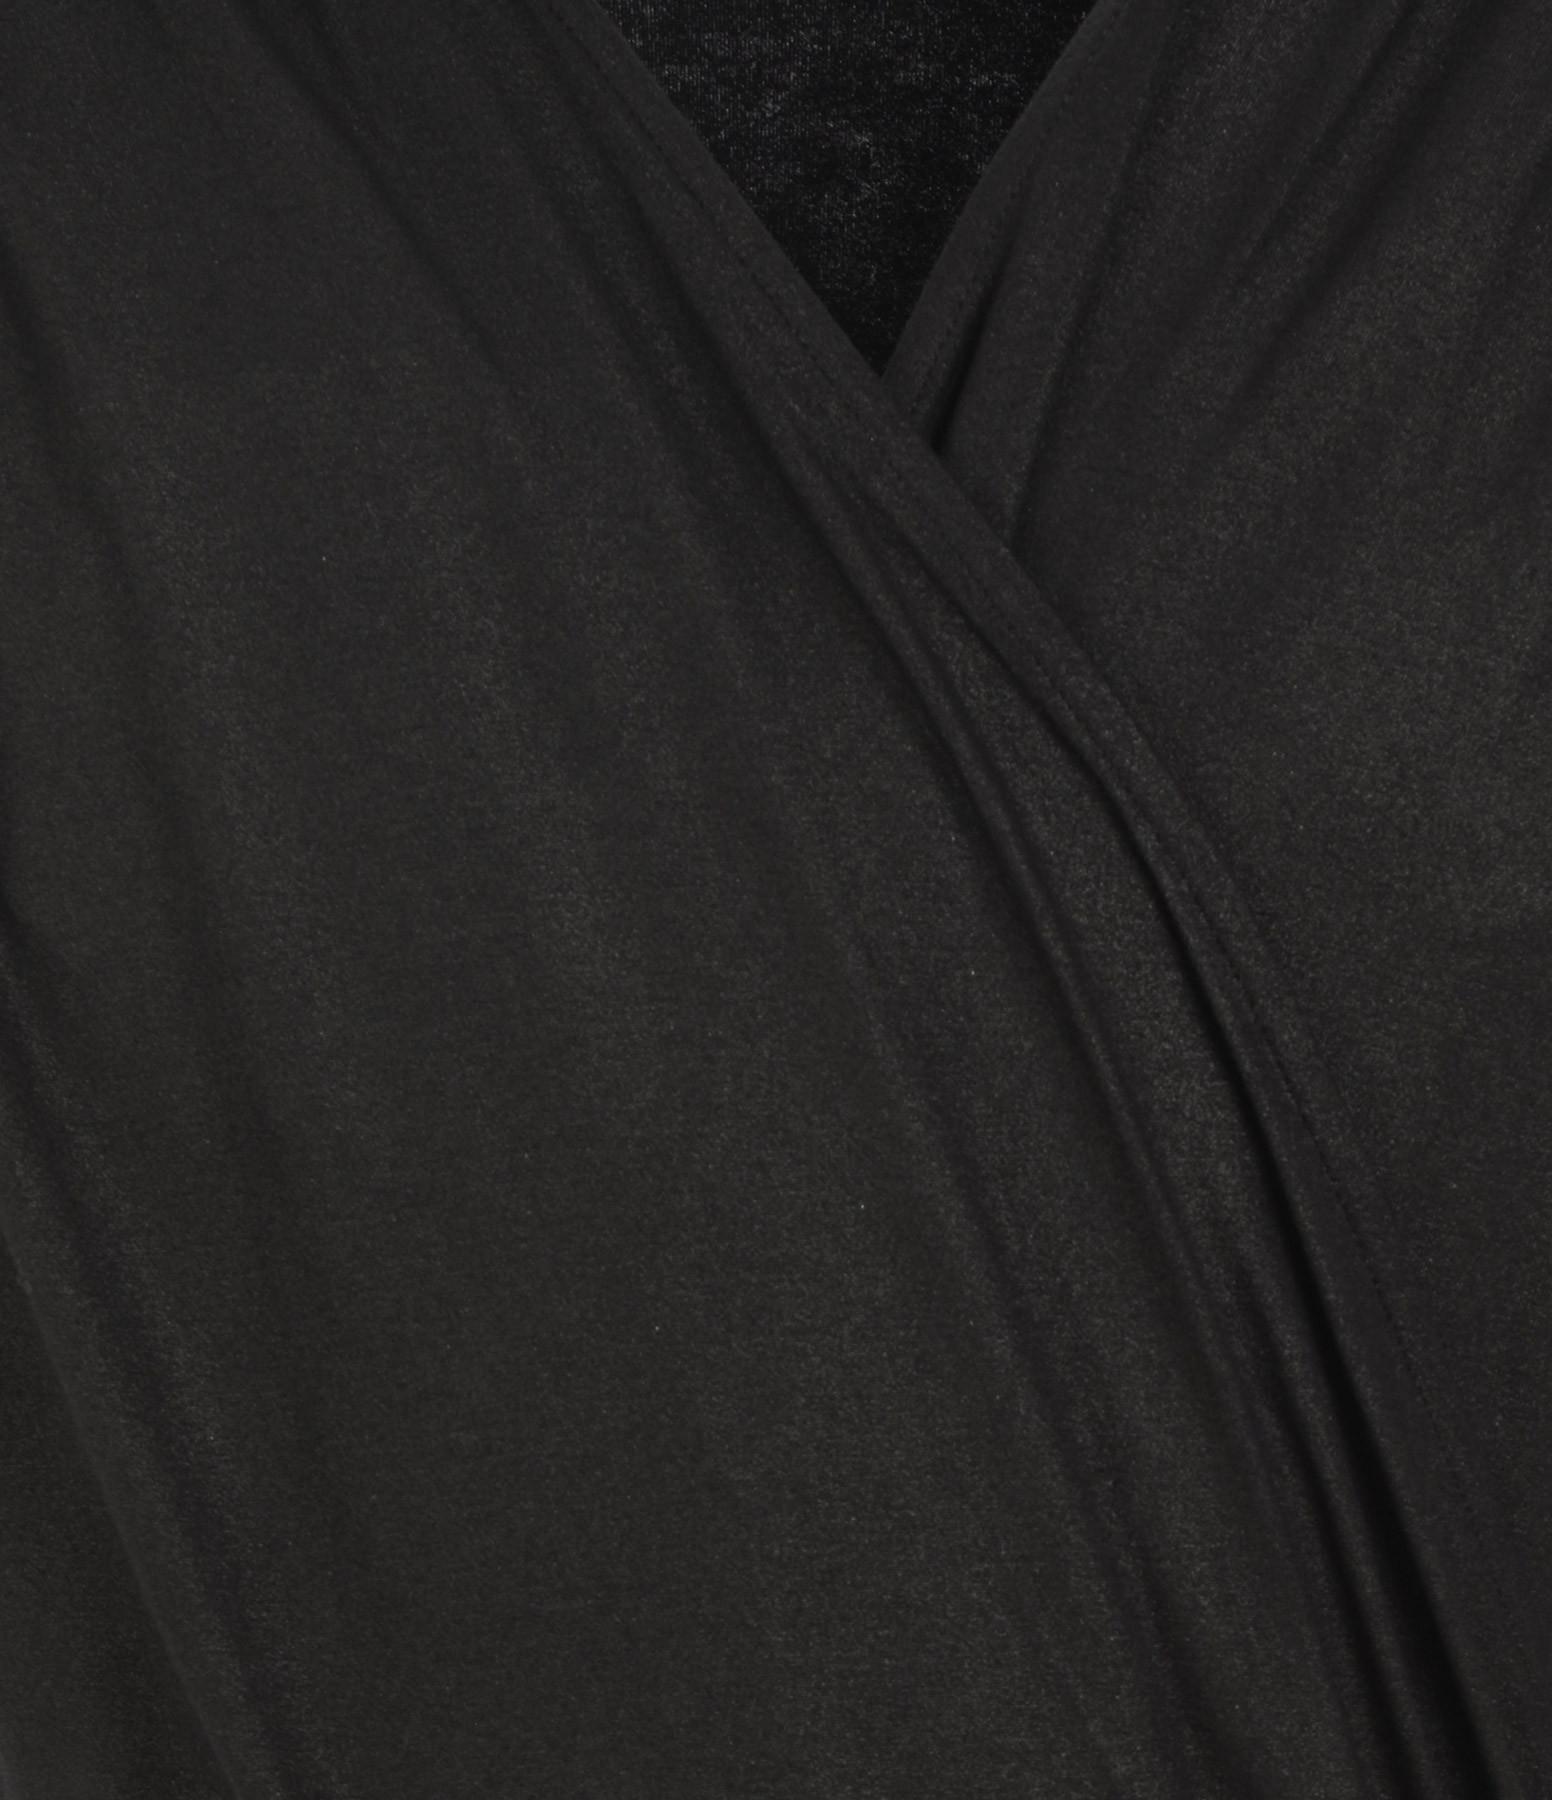 MAJESTIC FILATURES - Combinaison Cache Cœur Noir Métallisé